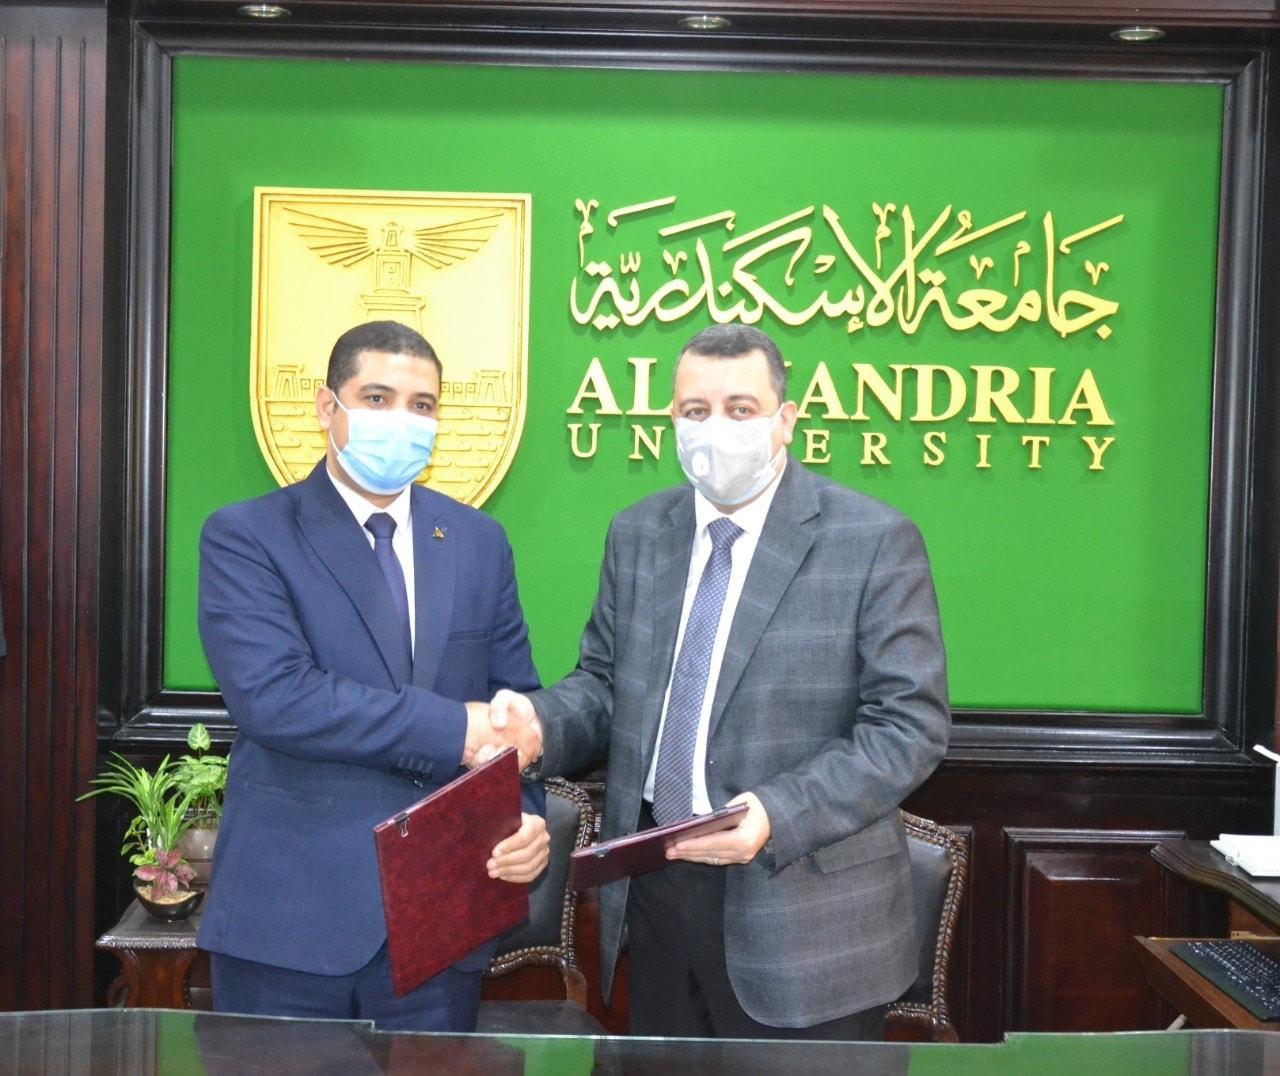 رئيس جامعة الإسكندرية: قضية محو الأمية وتعليم الكبار أهم الاستراتيجيات للتنمية